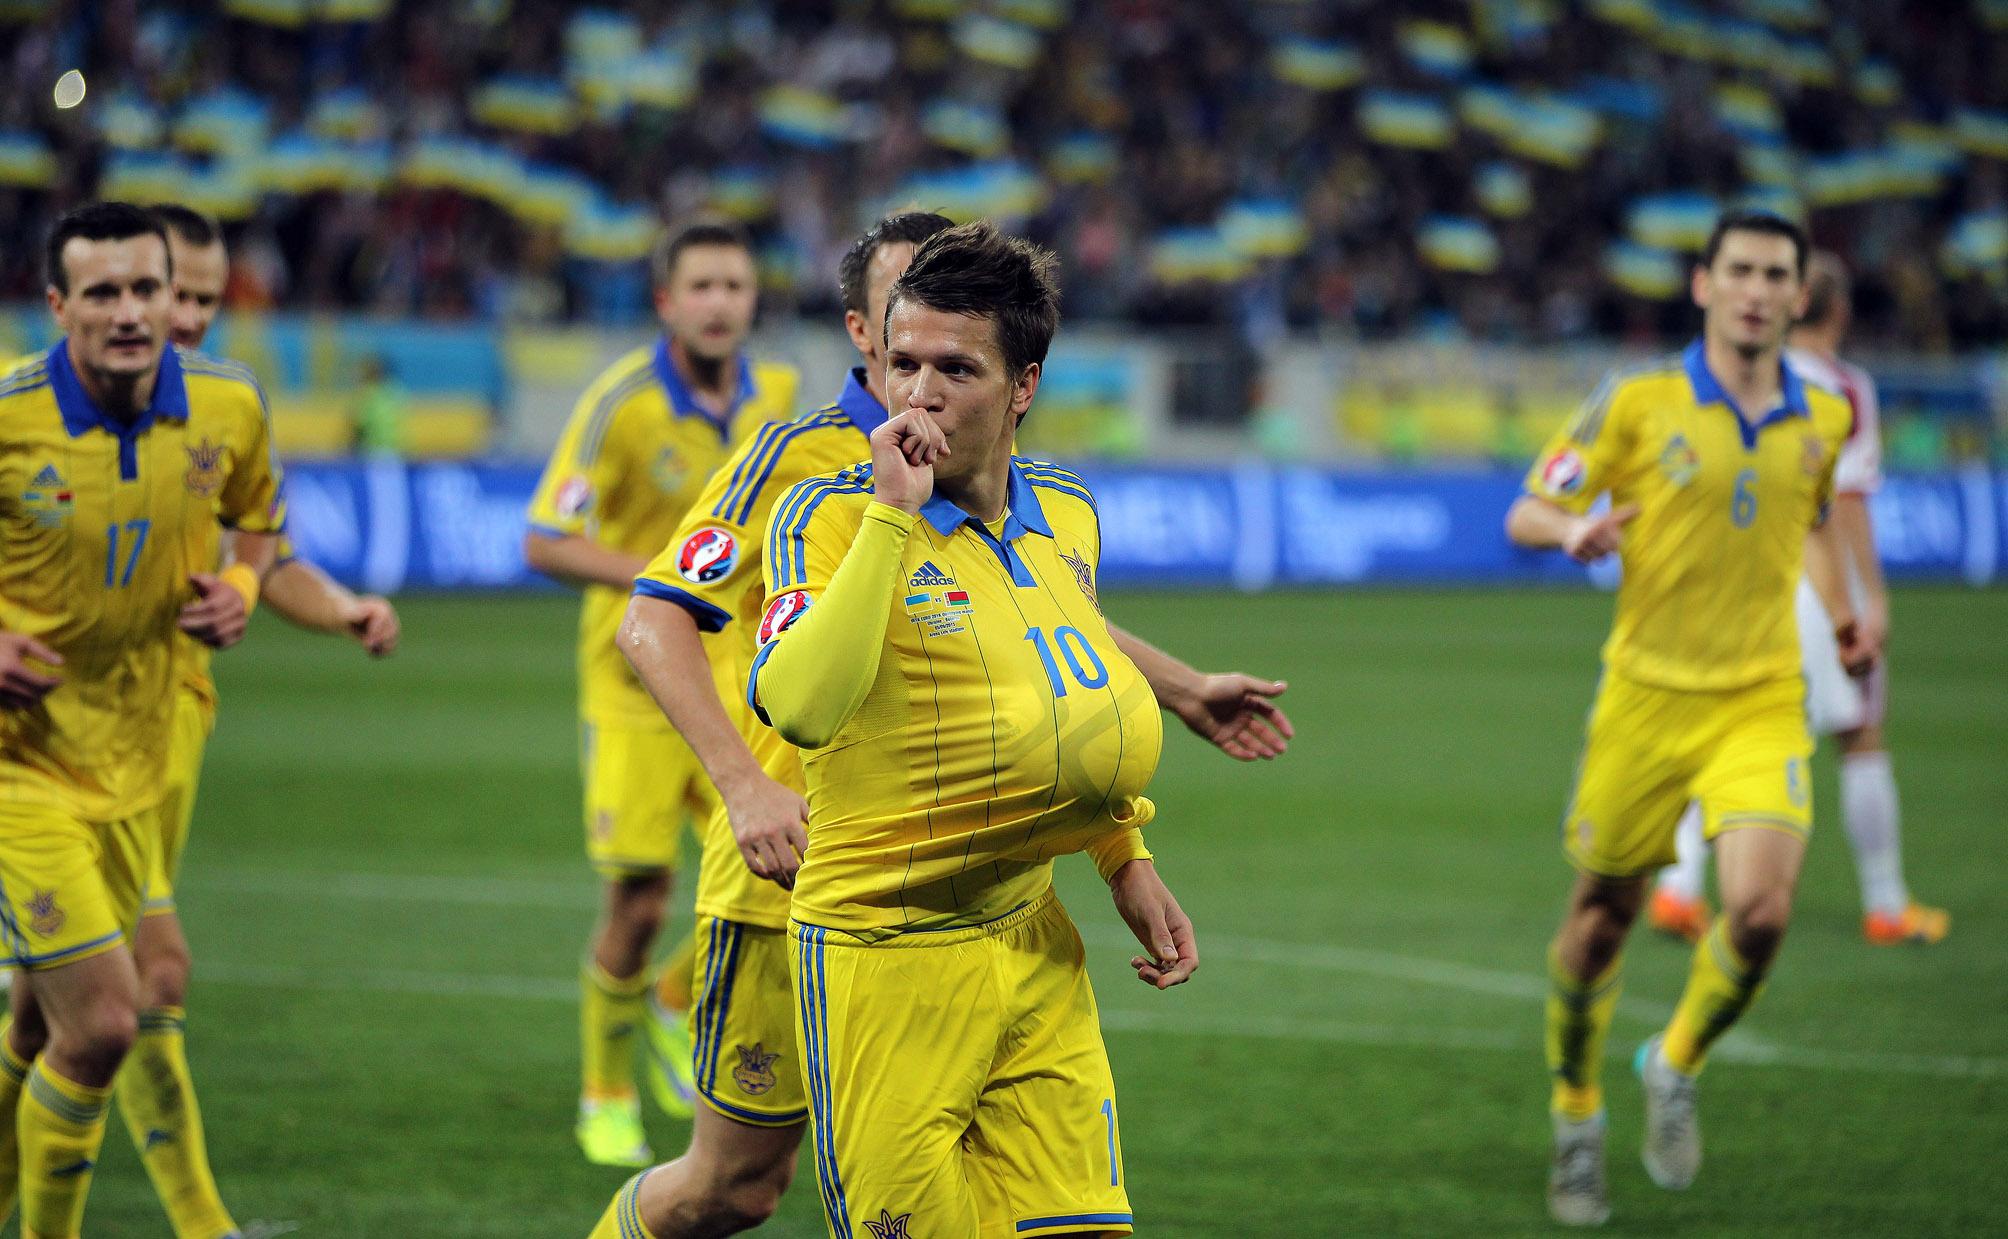 soccer_zbirna_UKR_vs_Bilorus_3-1_KRAWS0555-